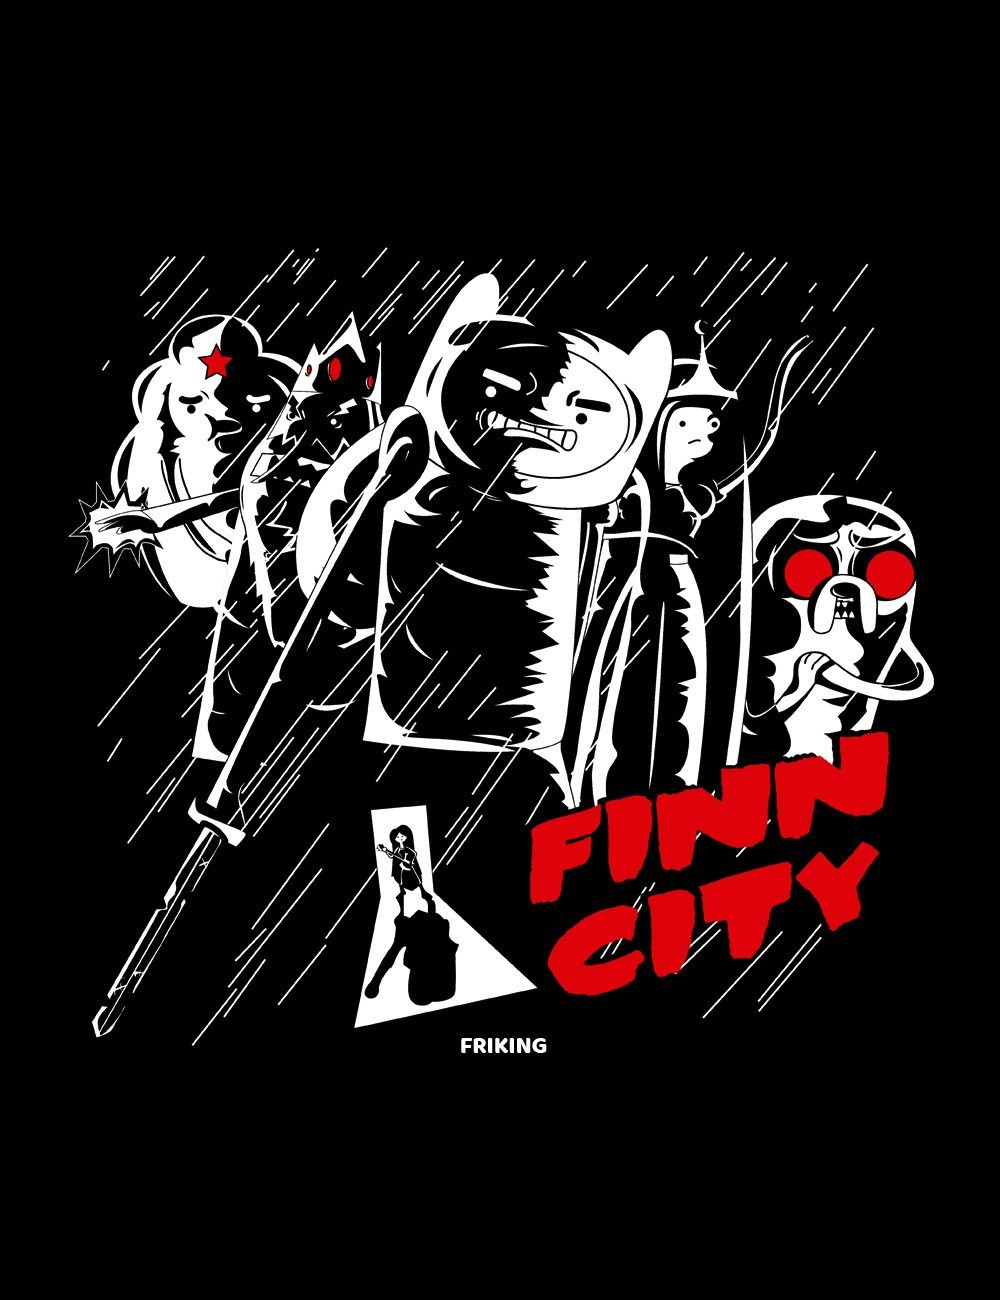 Finn city